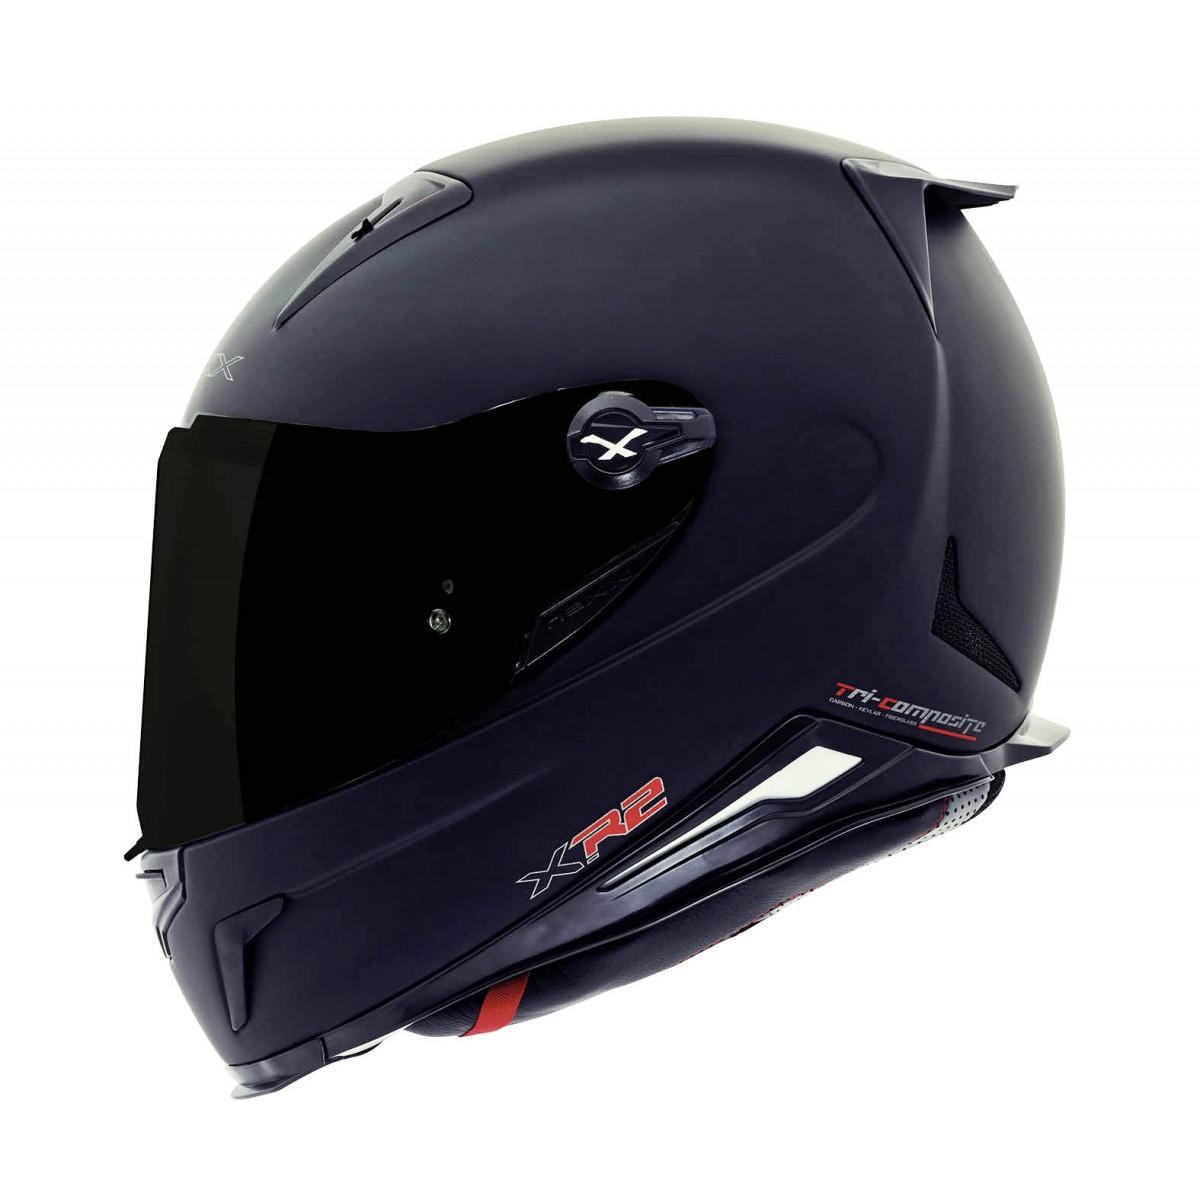 Capacete Nexx XR2 Plain - Preto Fosco  - Super Bike - Loja Oficial Alpinestars